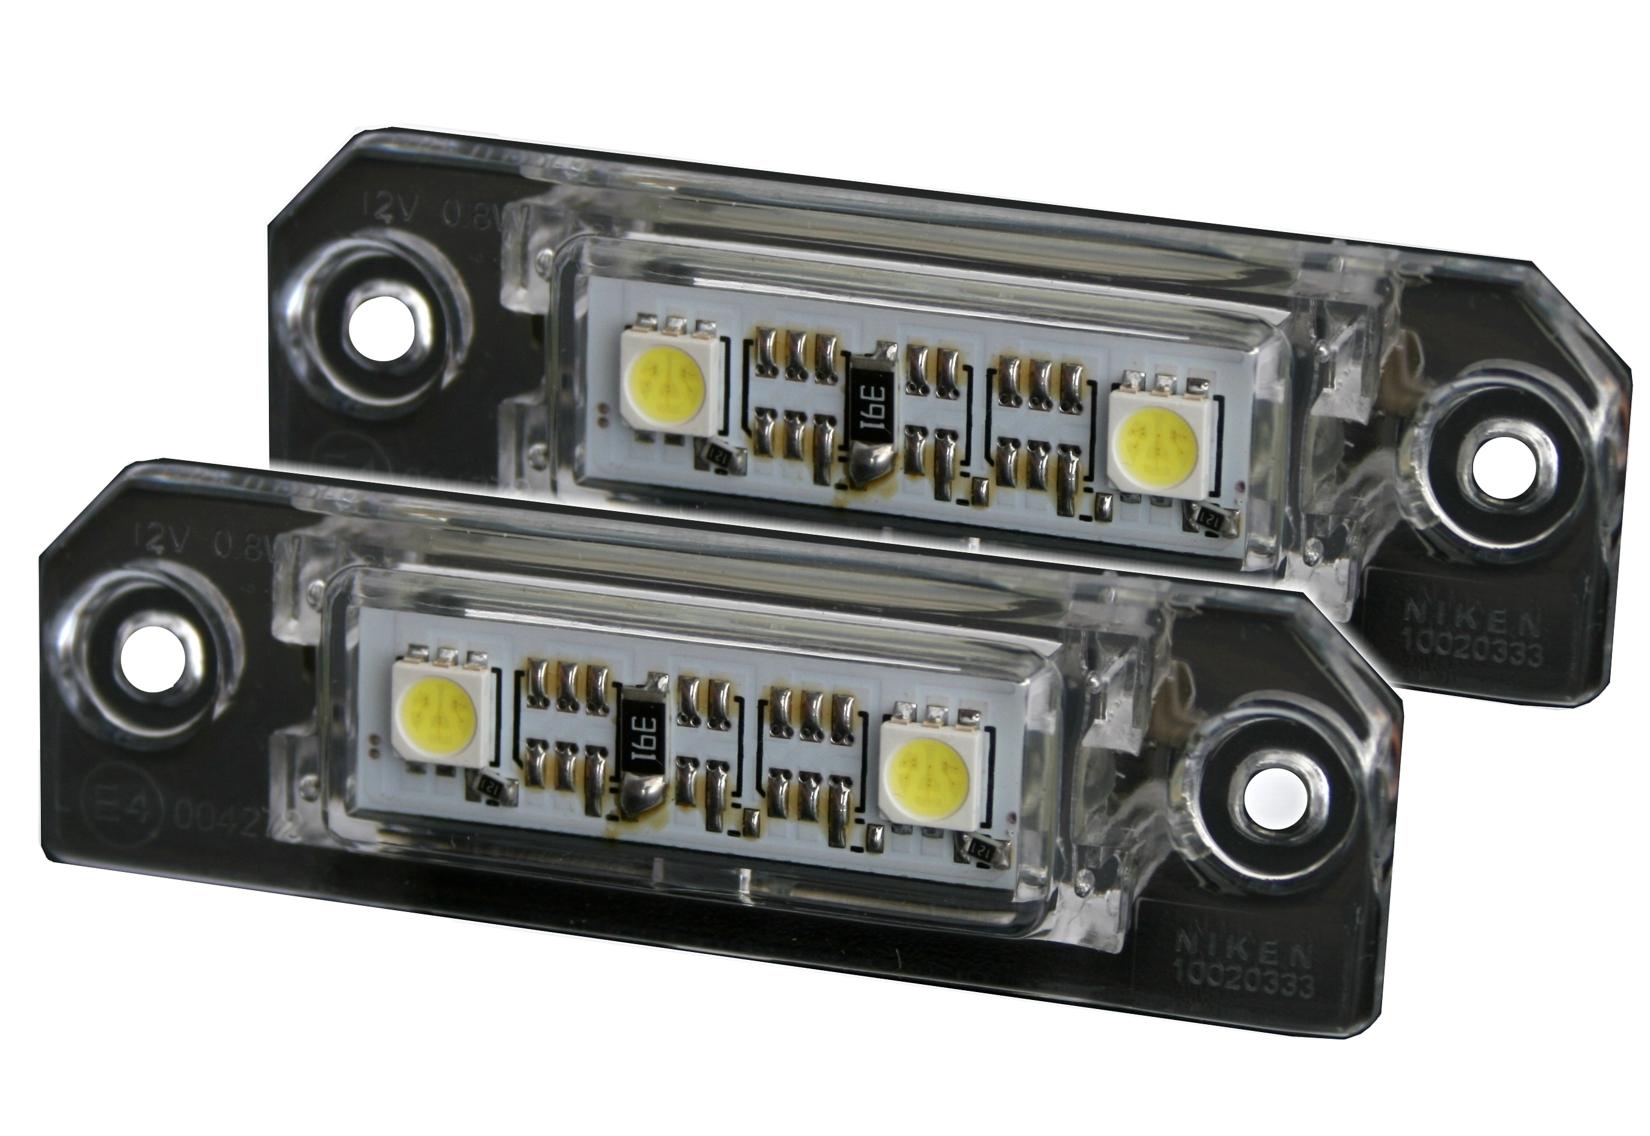 LED-SMD-SET-fuer-VW-GOLF-4-5-POLO-6N2-9N-6R-KENNZEICHEN-NUMMERNSCHILD-BELEUCHTUNG